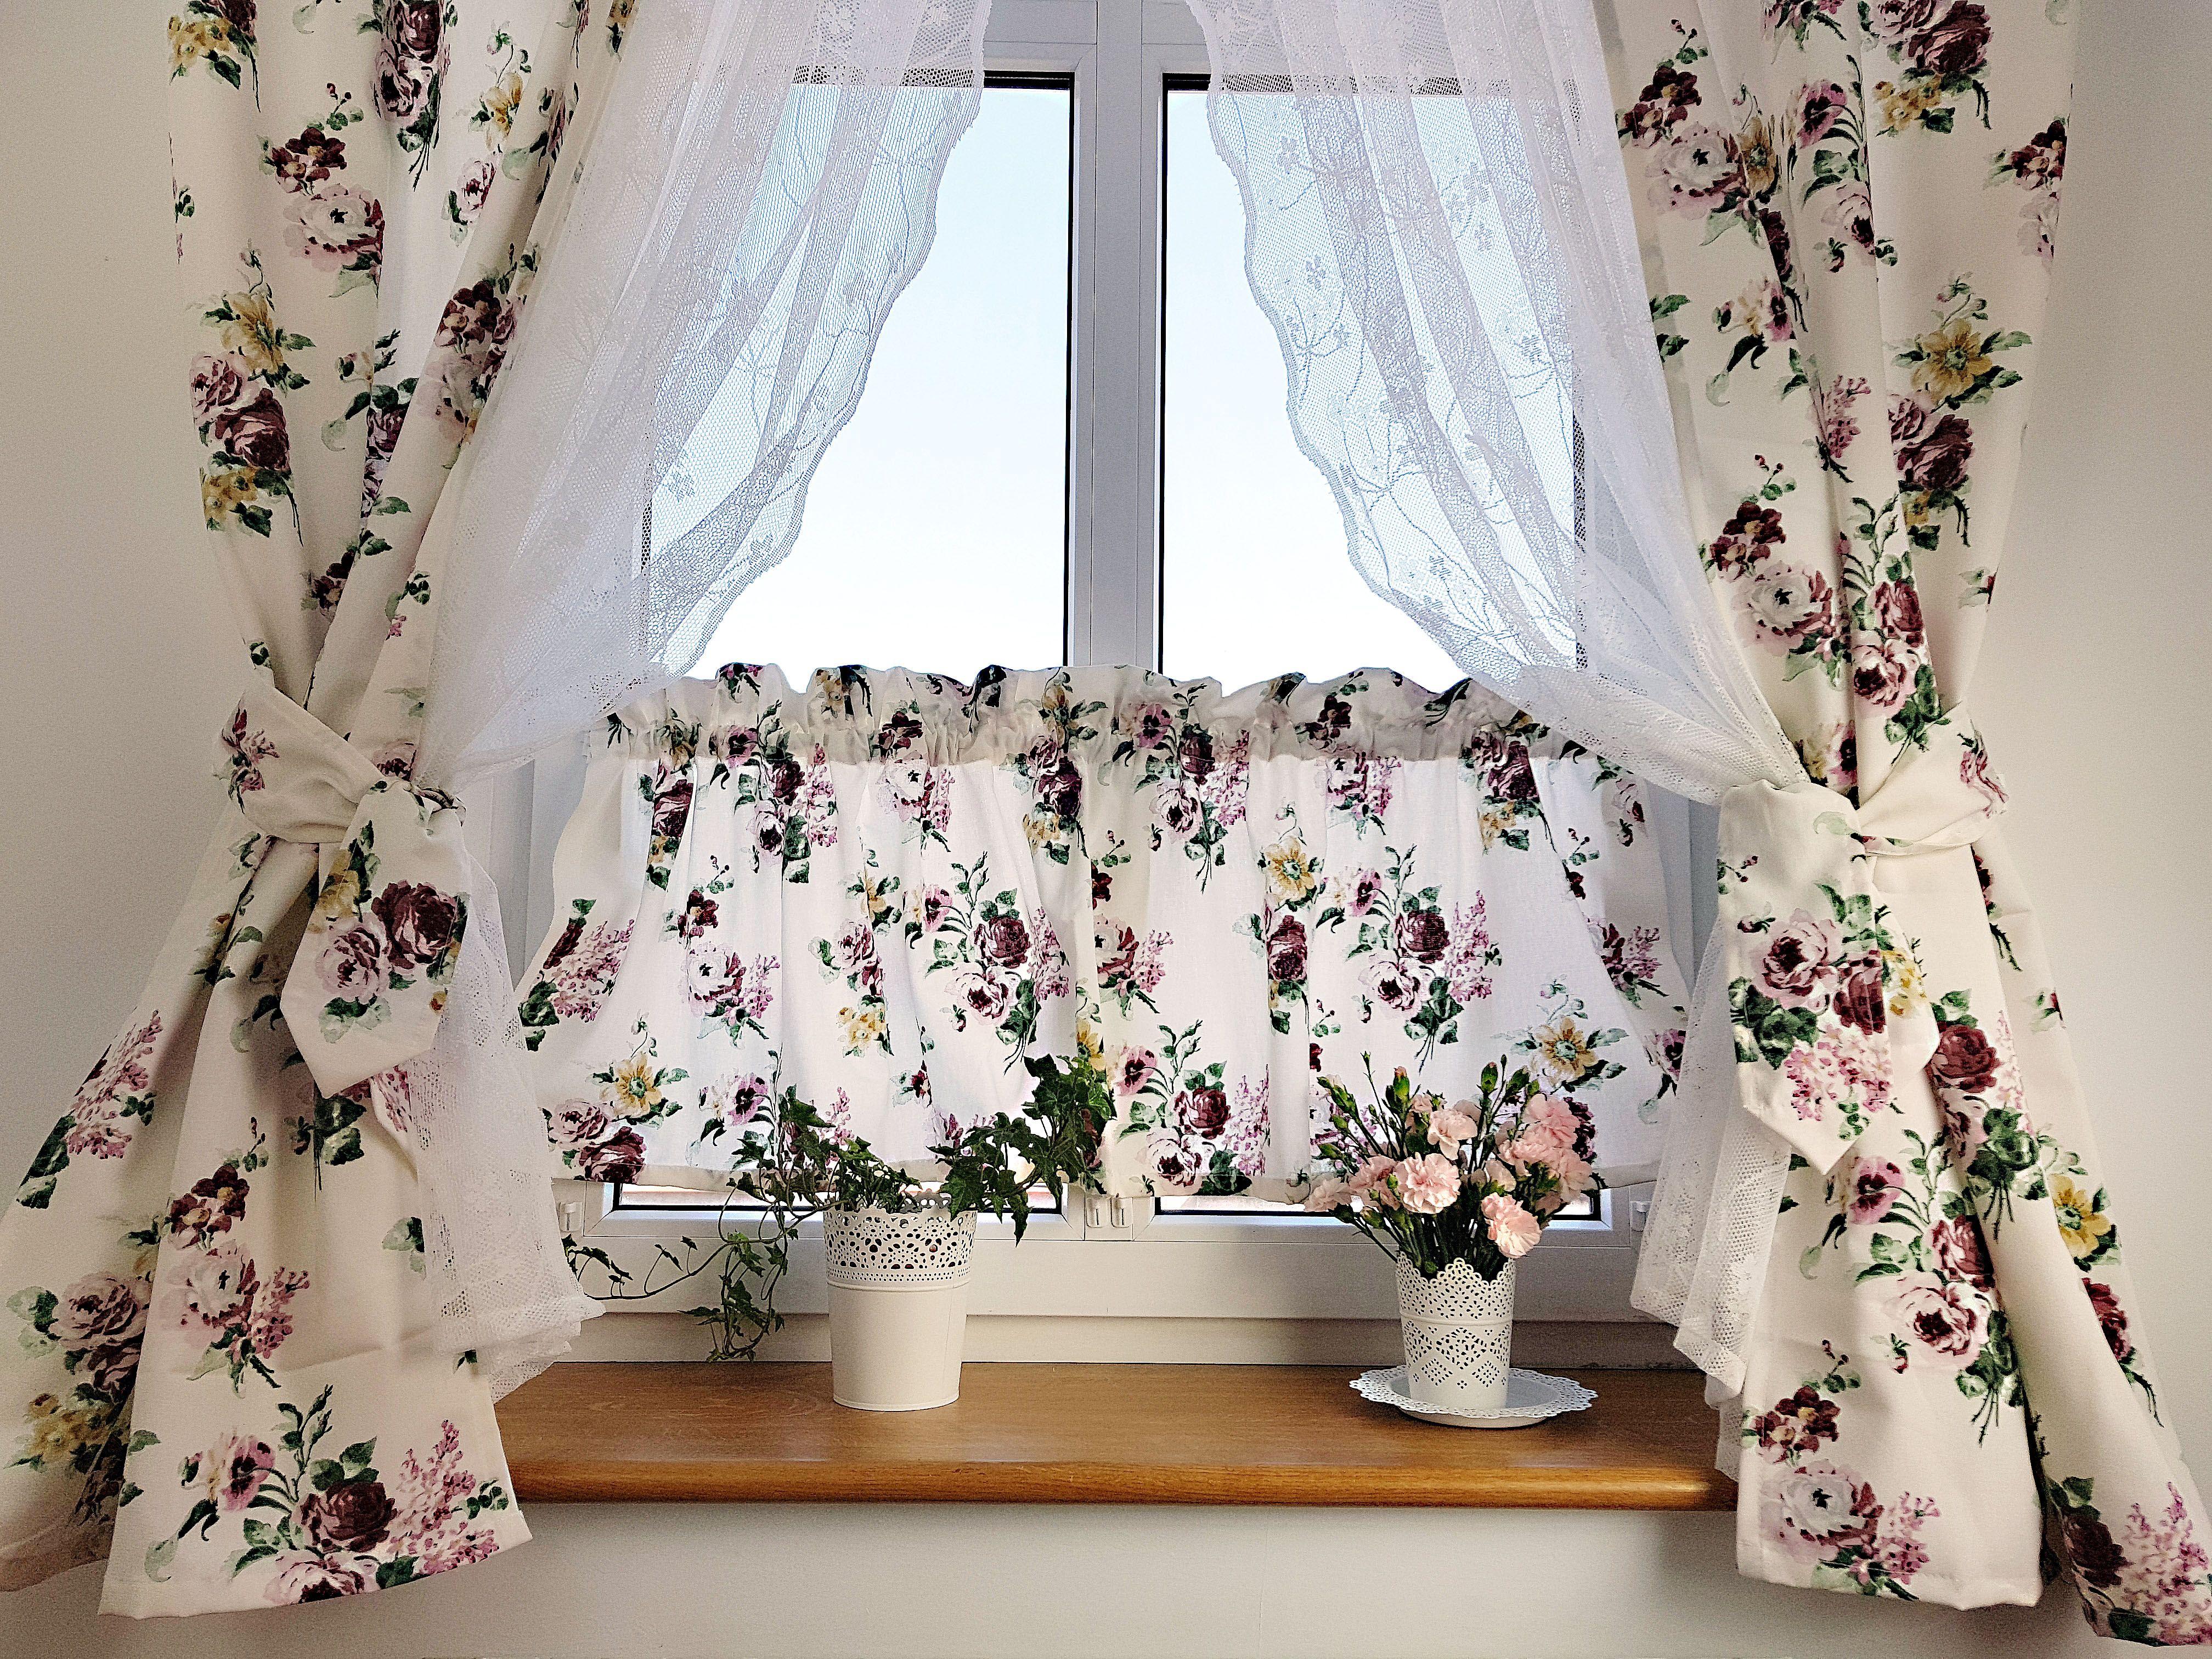 Galazki Brzozy W Wazonie Zakwitly Na Nich Kwiatki Z Materialu Swietna Ozdoba Stolu Decorating Your Home Decor Vase